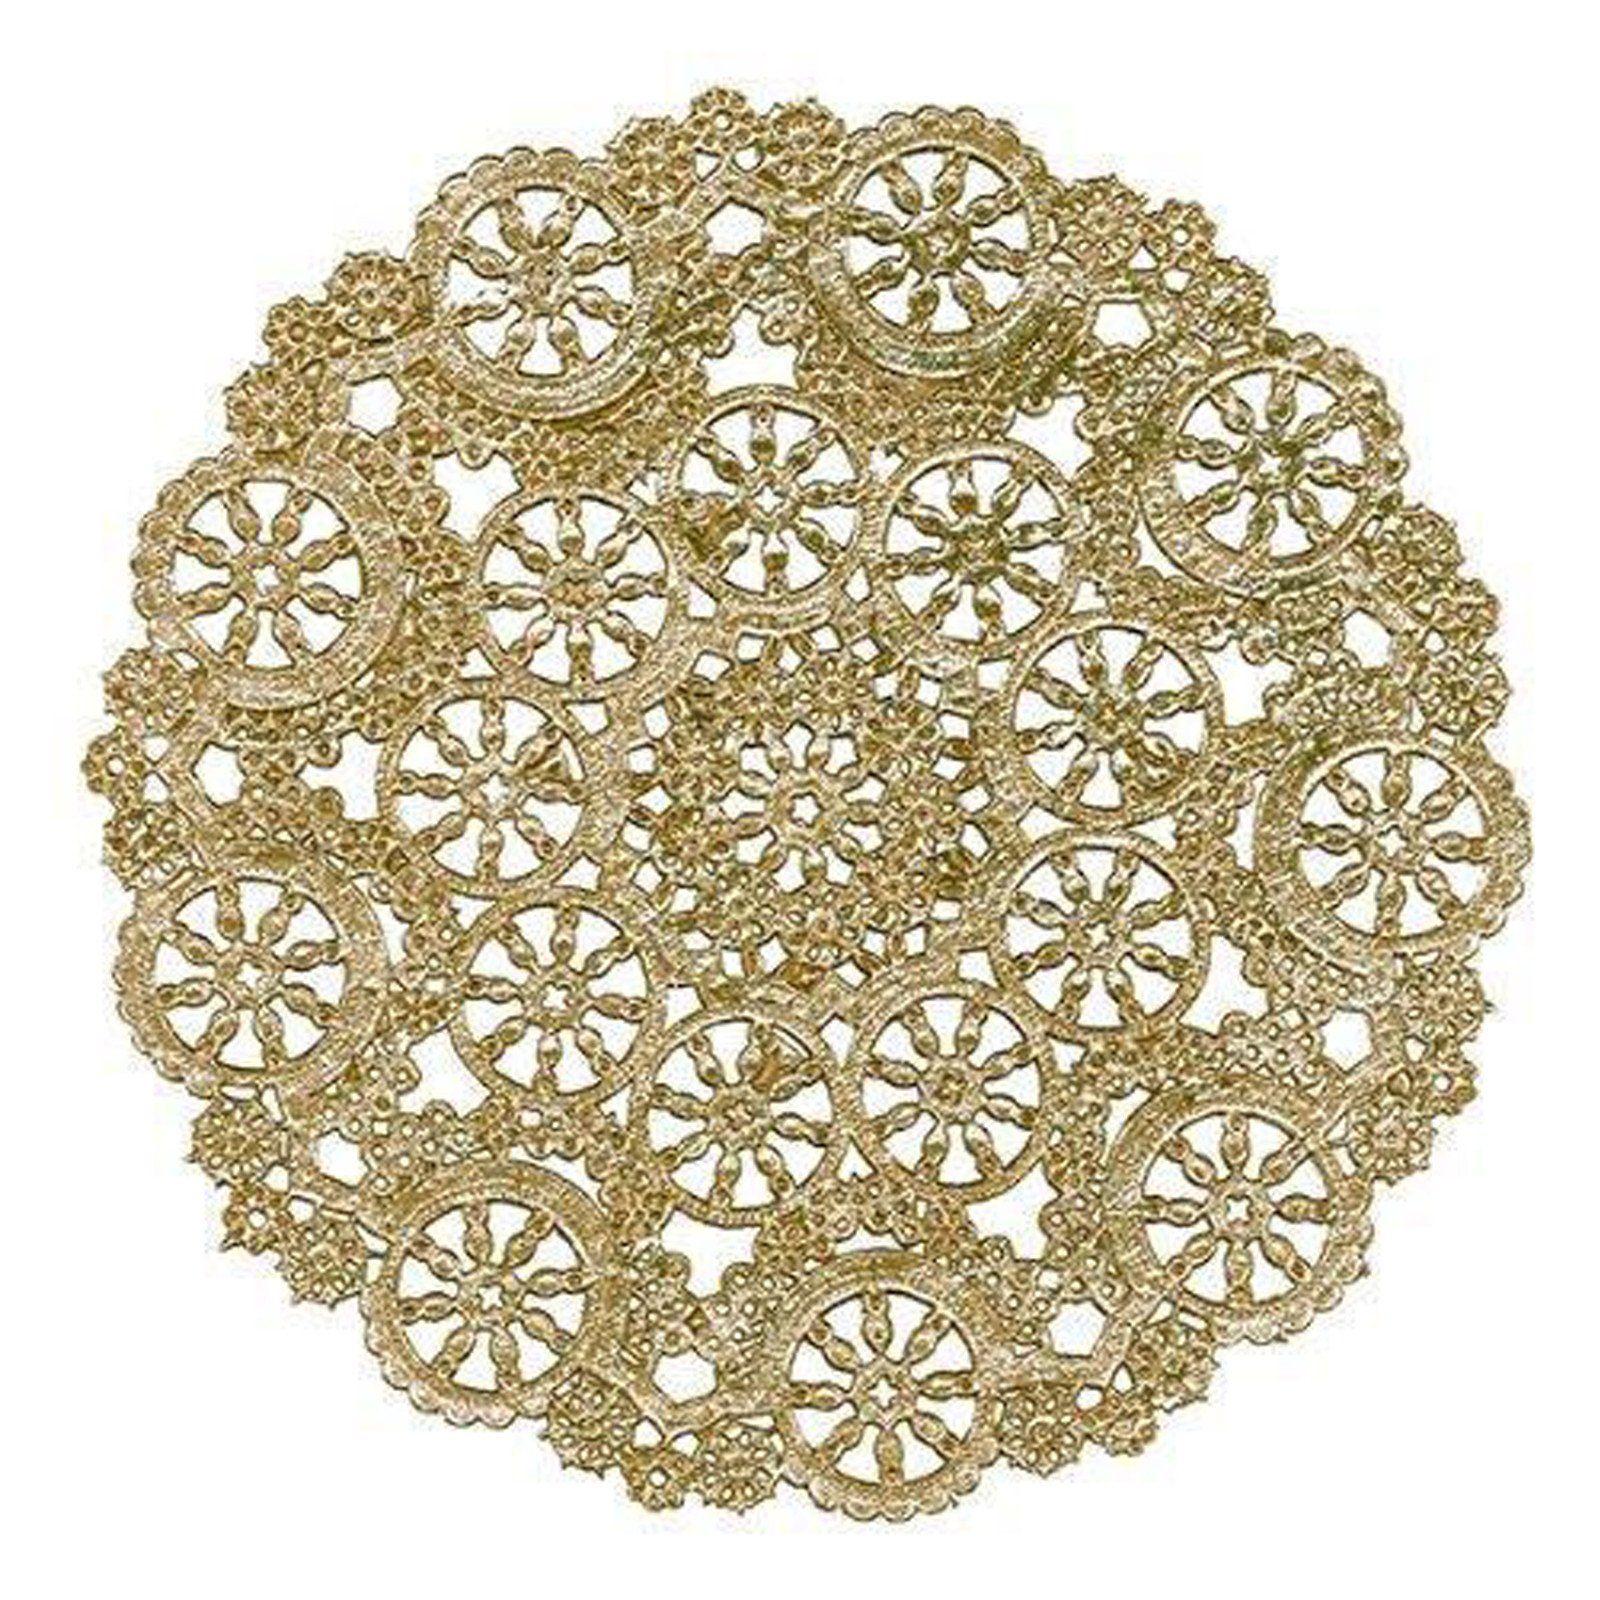 Gold Medallion Paper Doilies 4 6 8 10 12 Gold Chargers Invitation Doilies Placemat Doilies Paper Doilies Gold Foil Paper Paper Lace Doilies